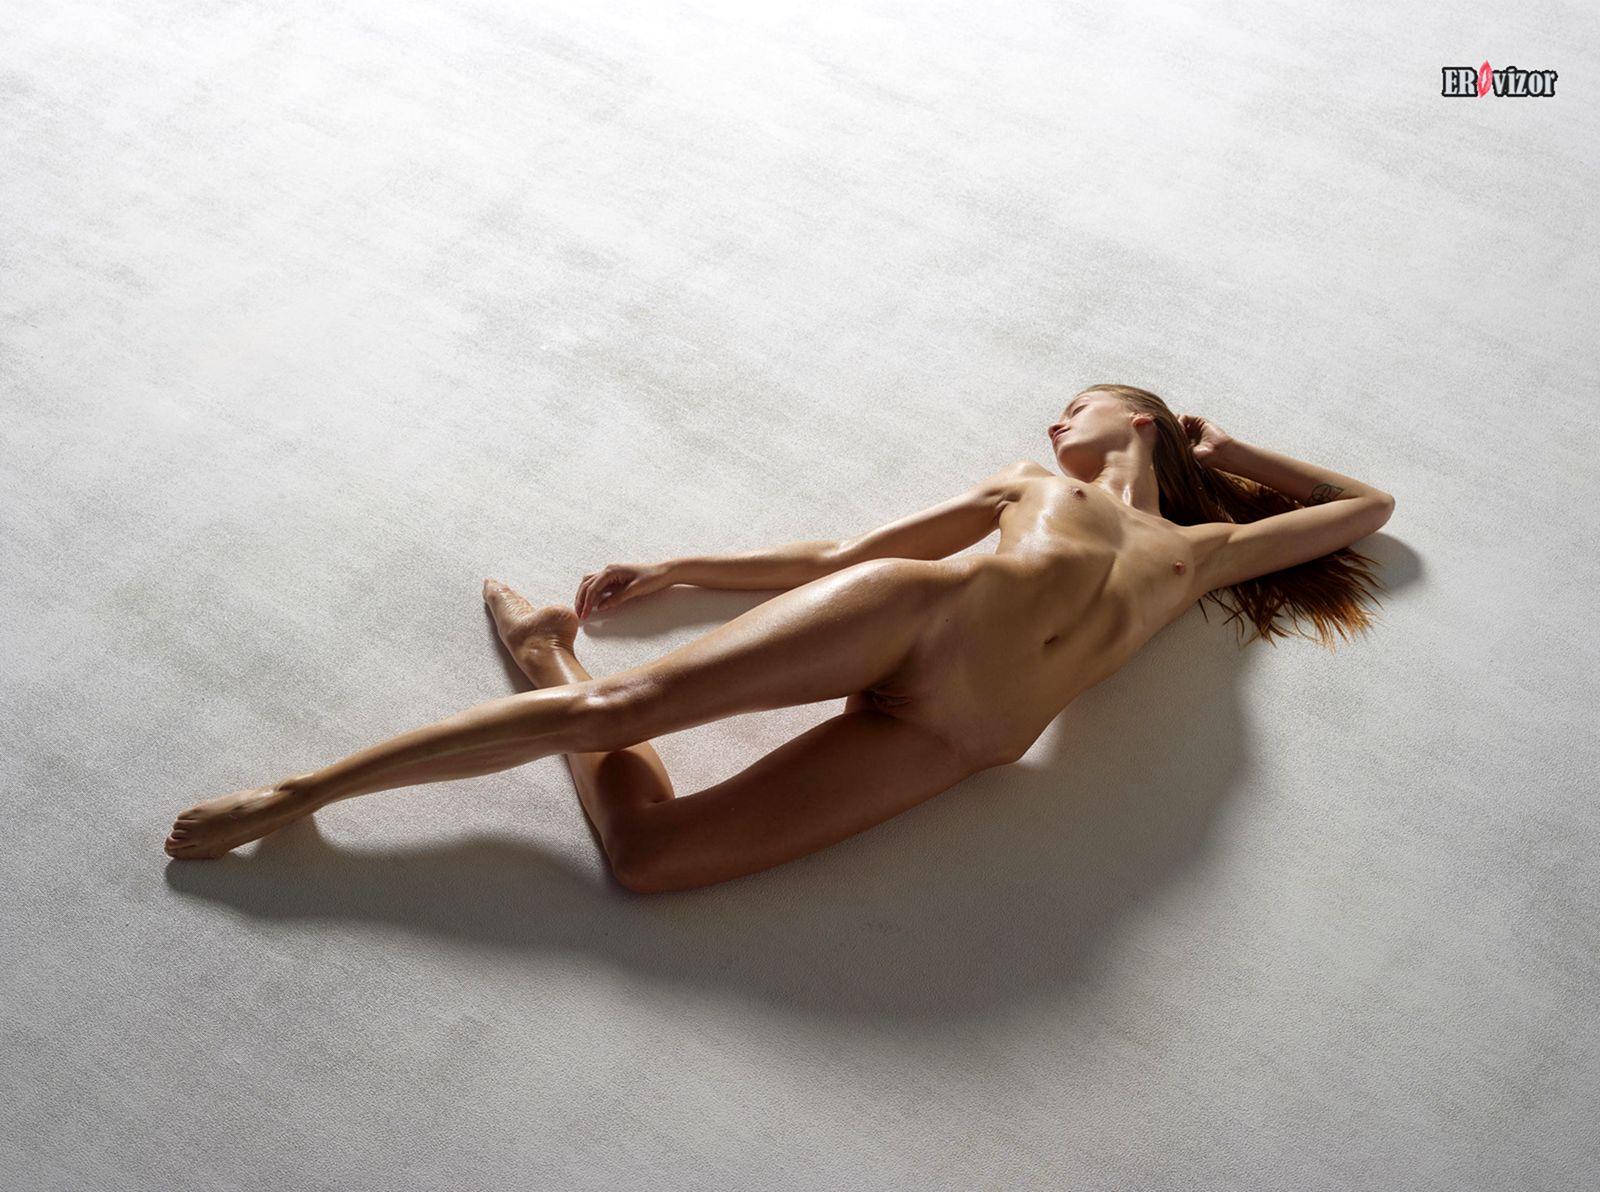 голая красавица на полу